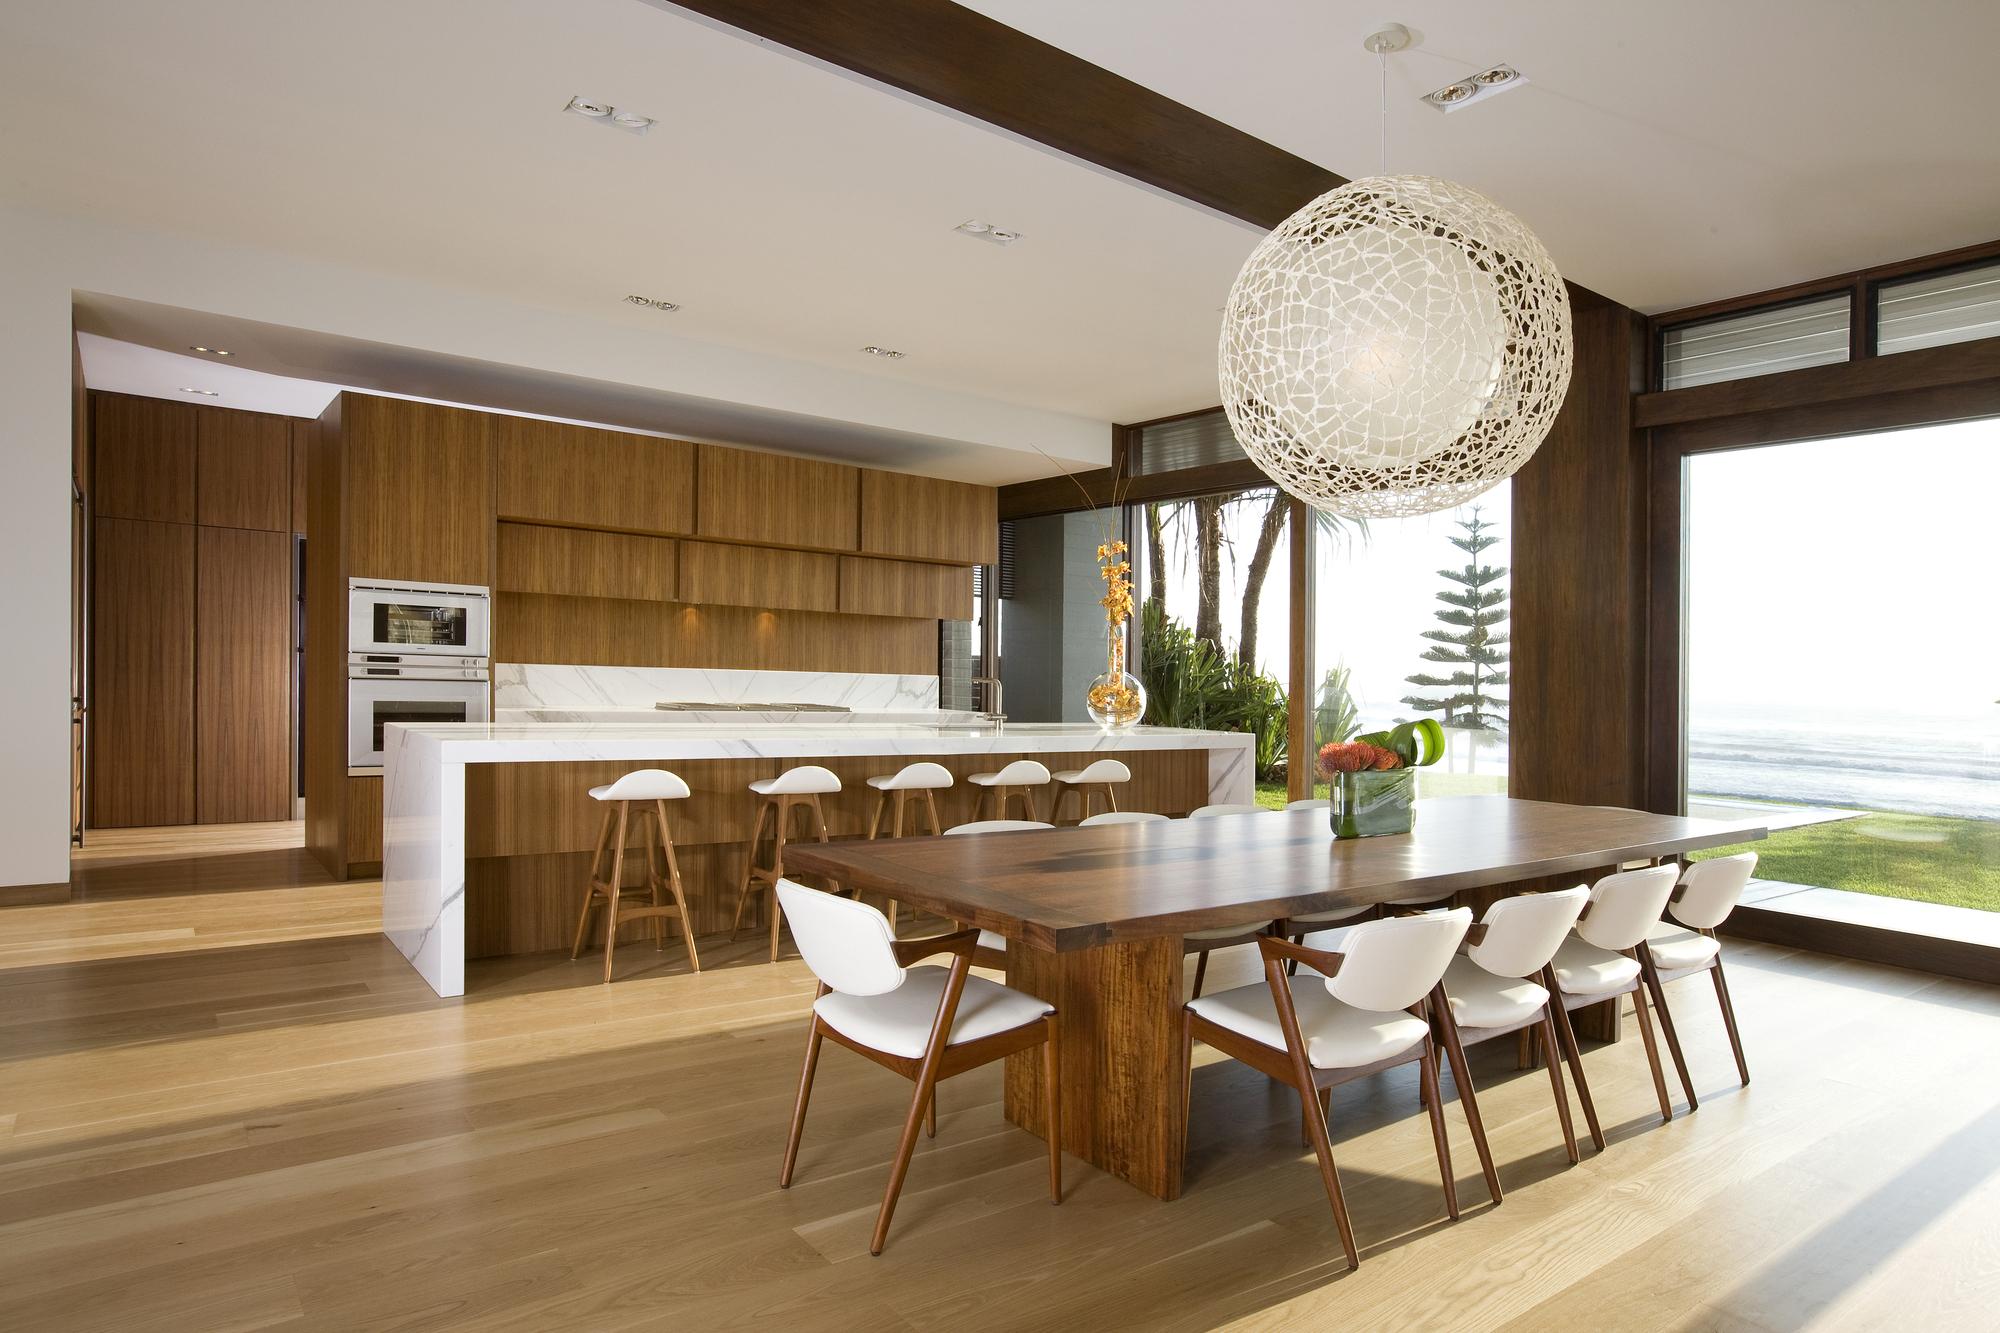 Fondos de Pantalla 2000x1333 Diseño interior Cocina Mesa Silla Techo ...